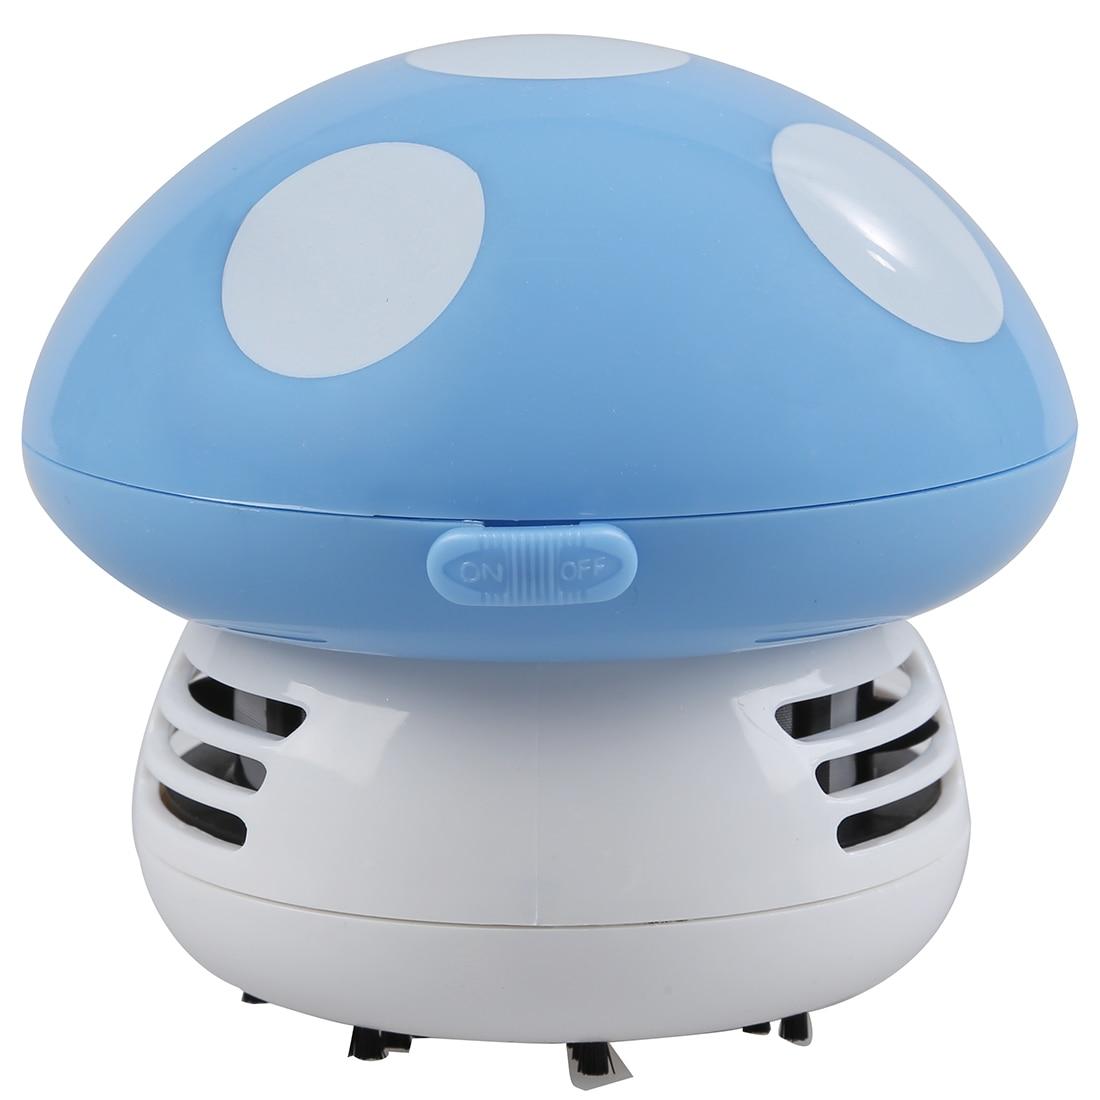 New Home Handheld Mushroom Shaped Mini Vacuum Cleaner Car Laptop keyboard Desktop Dust cleaner-blue